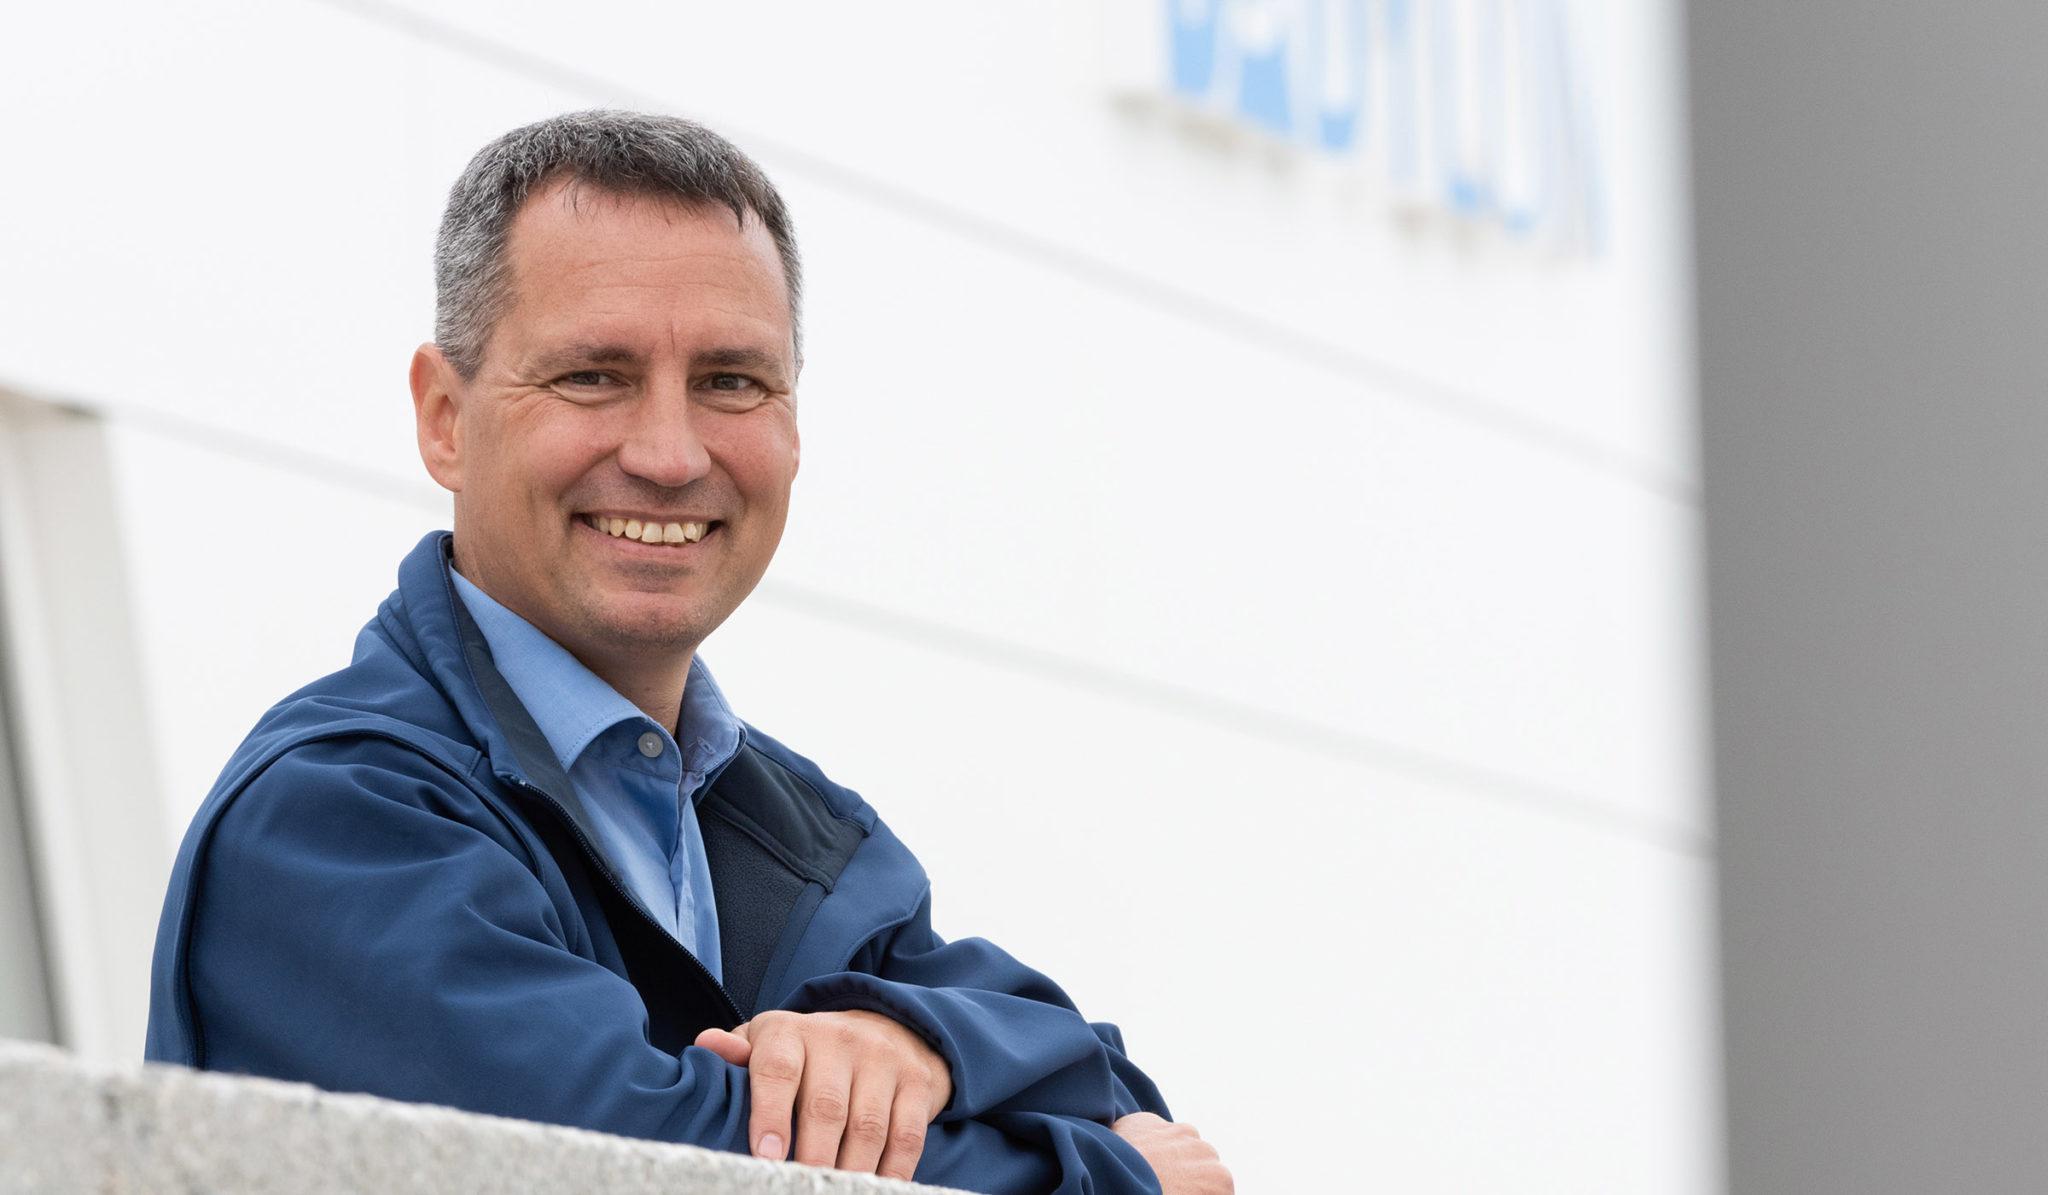 Markus Hiebl, unabhängiger Bürgermeisterkandidat von Freilassing, vor dem von ihm konzipierten Badylon.